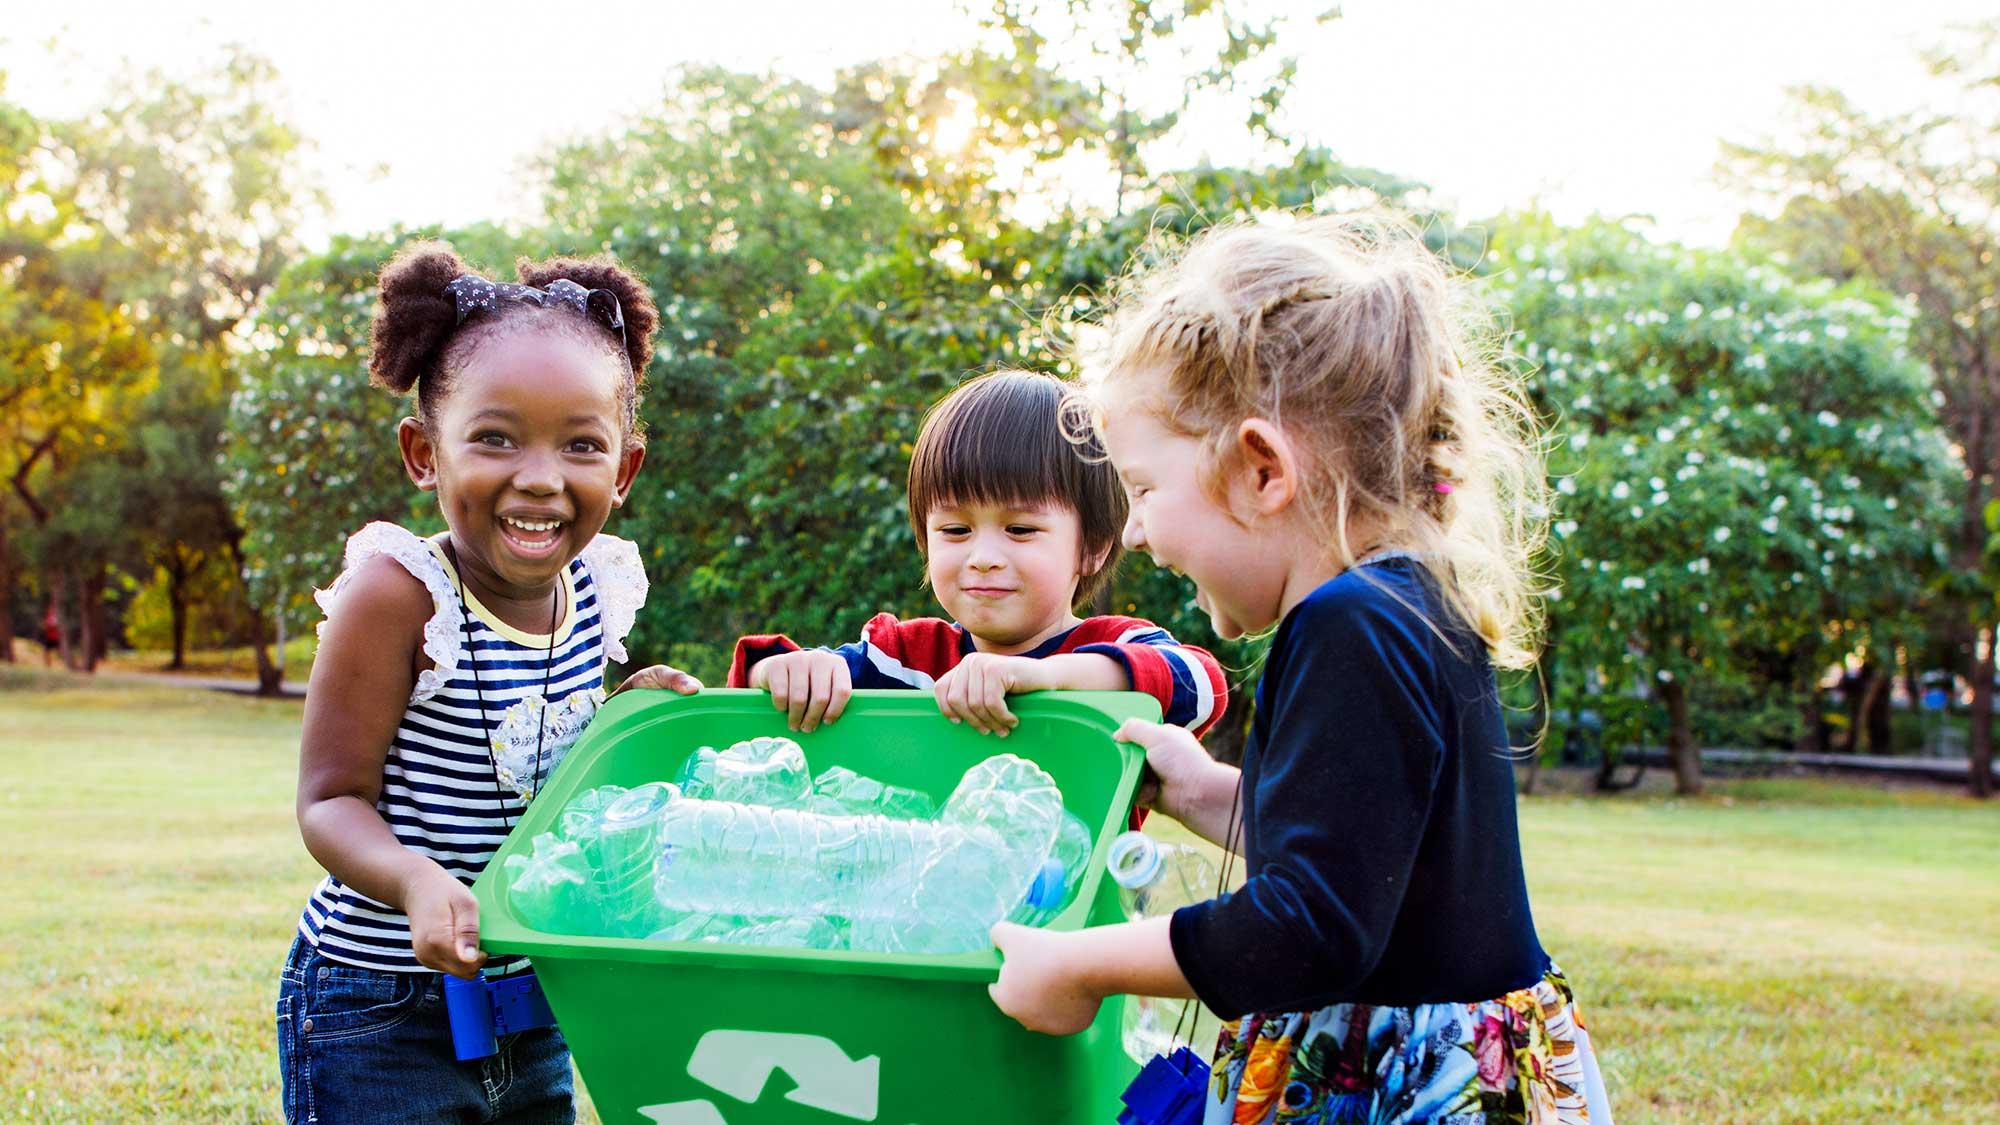 أطفال يجمعون موادًا قابلة لإعادة التدوير في صندوقٍ أخضر.